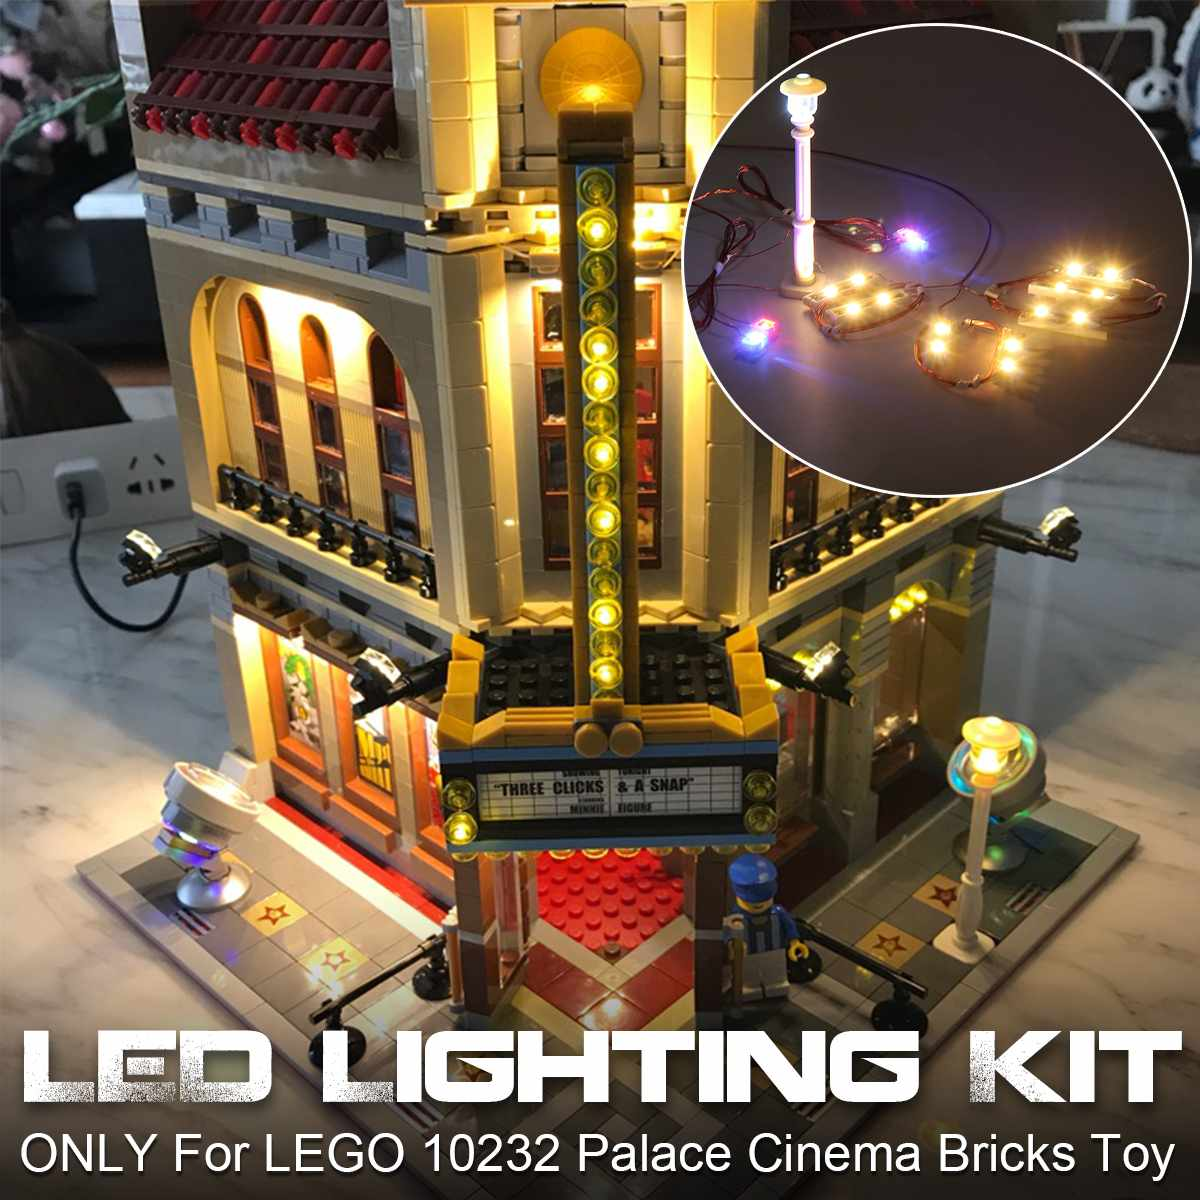 Kit de iluminación de luz LED para 10232 para el creador Palace Cinema bloques de construcción de juguete (modelo no incluido)